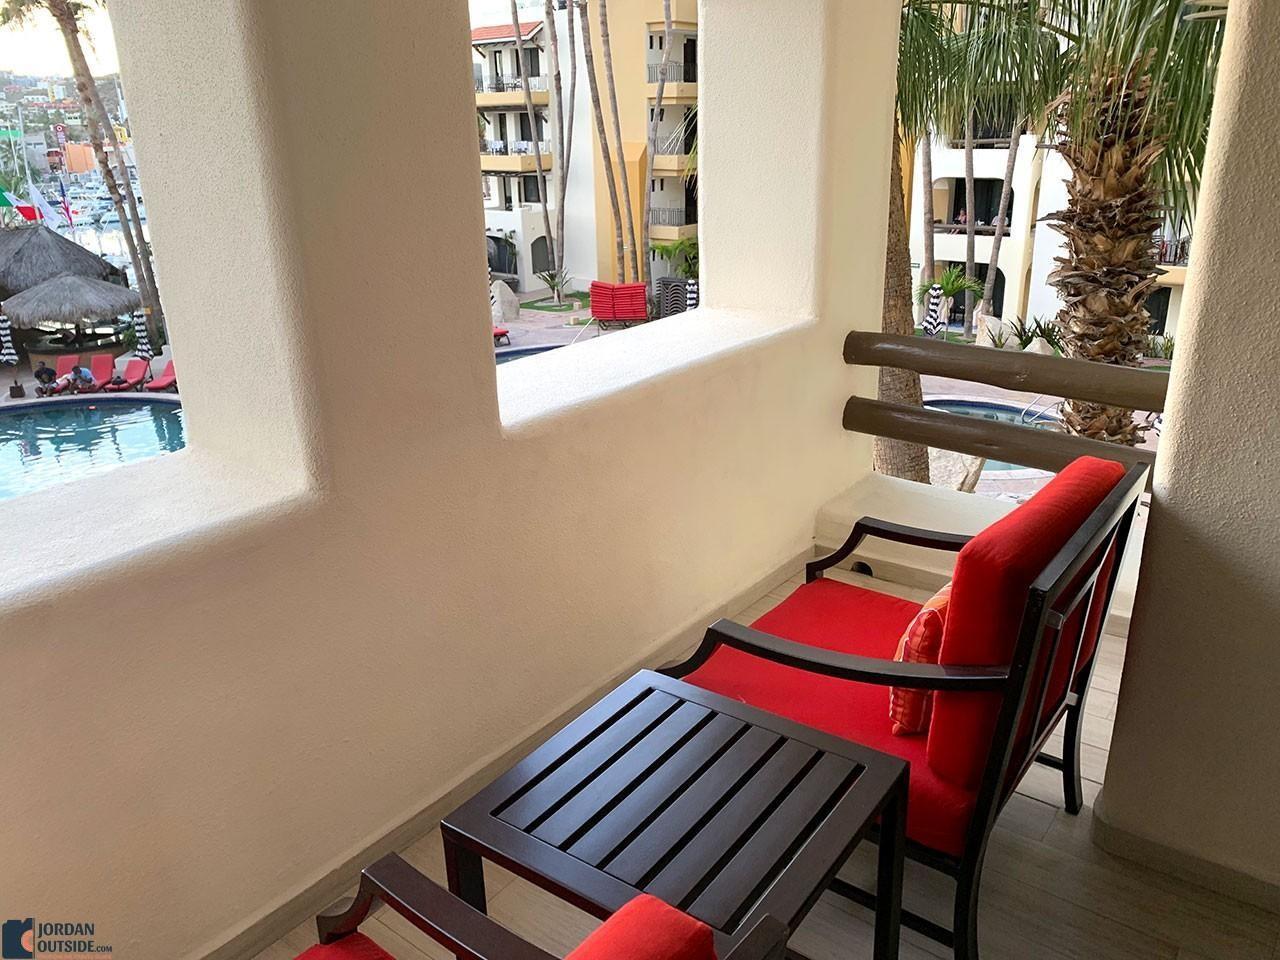 Our balcony at Marina Fiesta Hotel